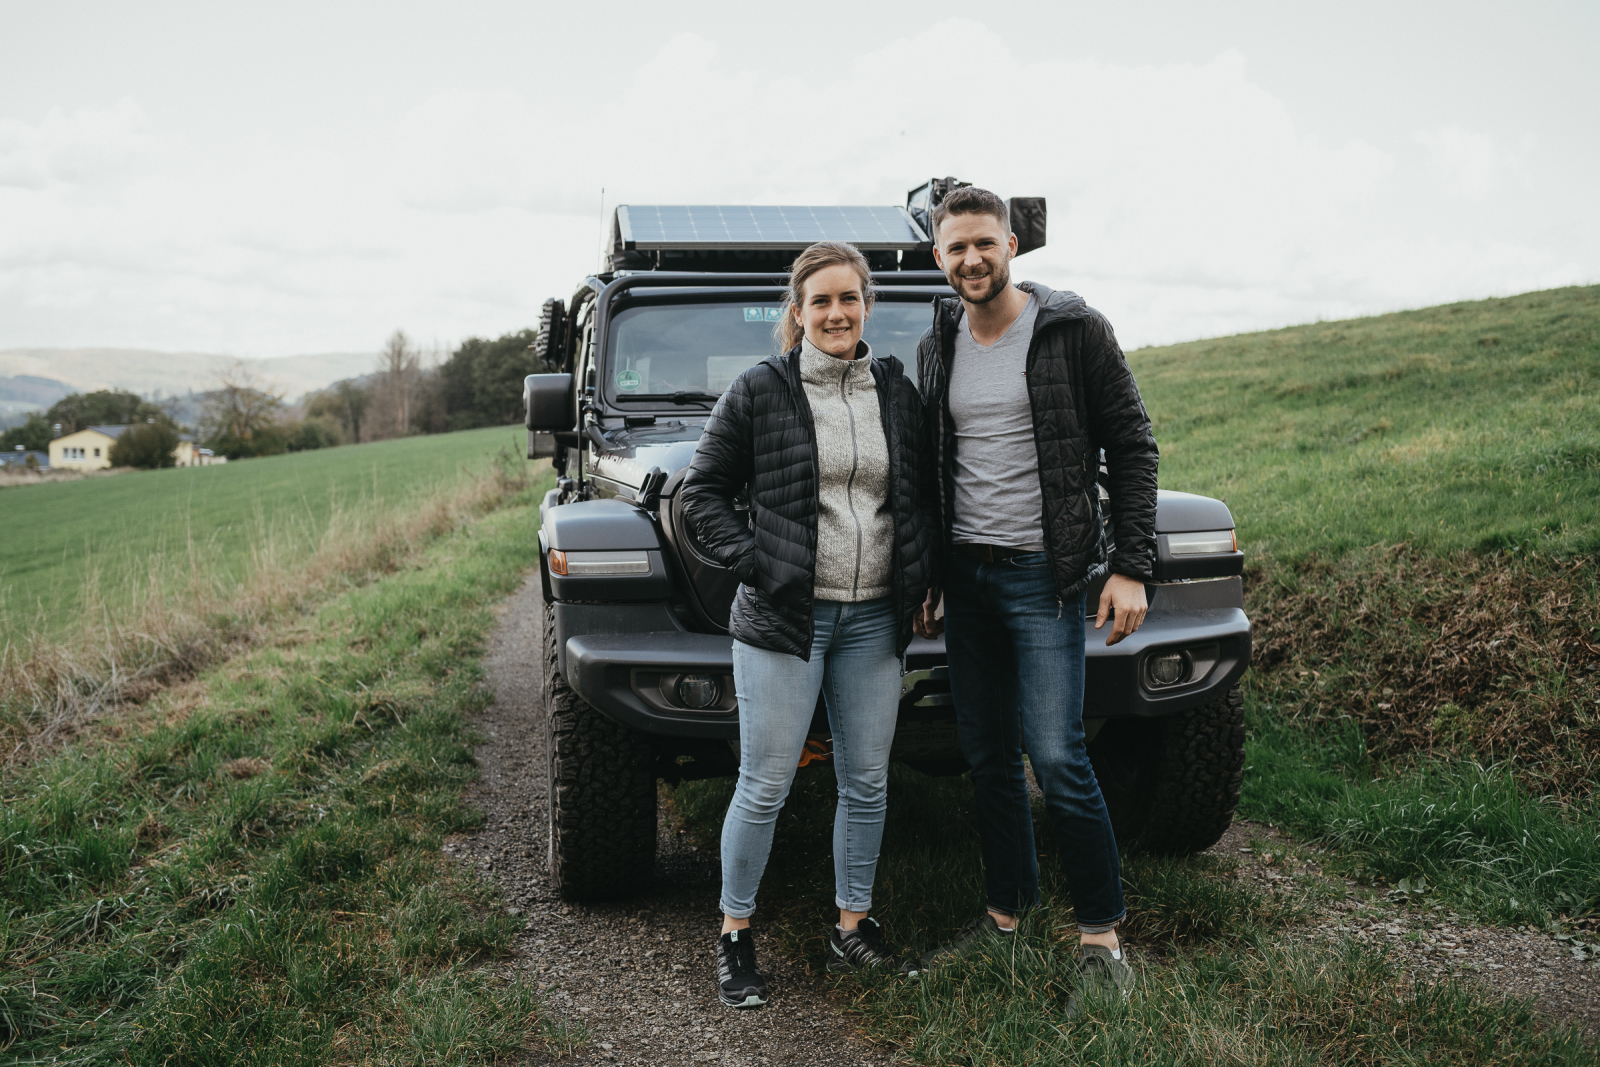 Stella und Tim vor ihrem Jeep Wrangler JLU Rubicon.